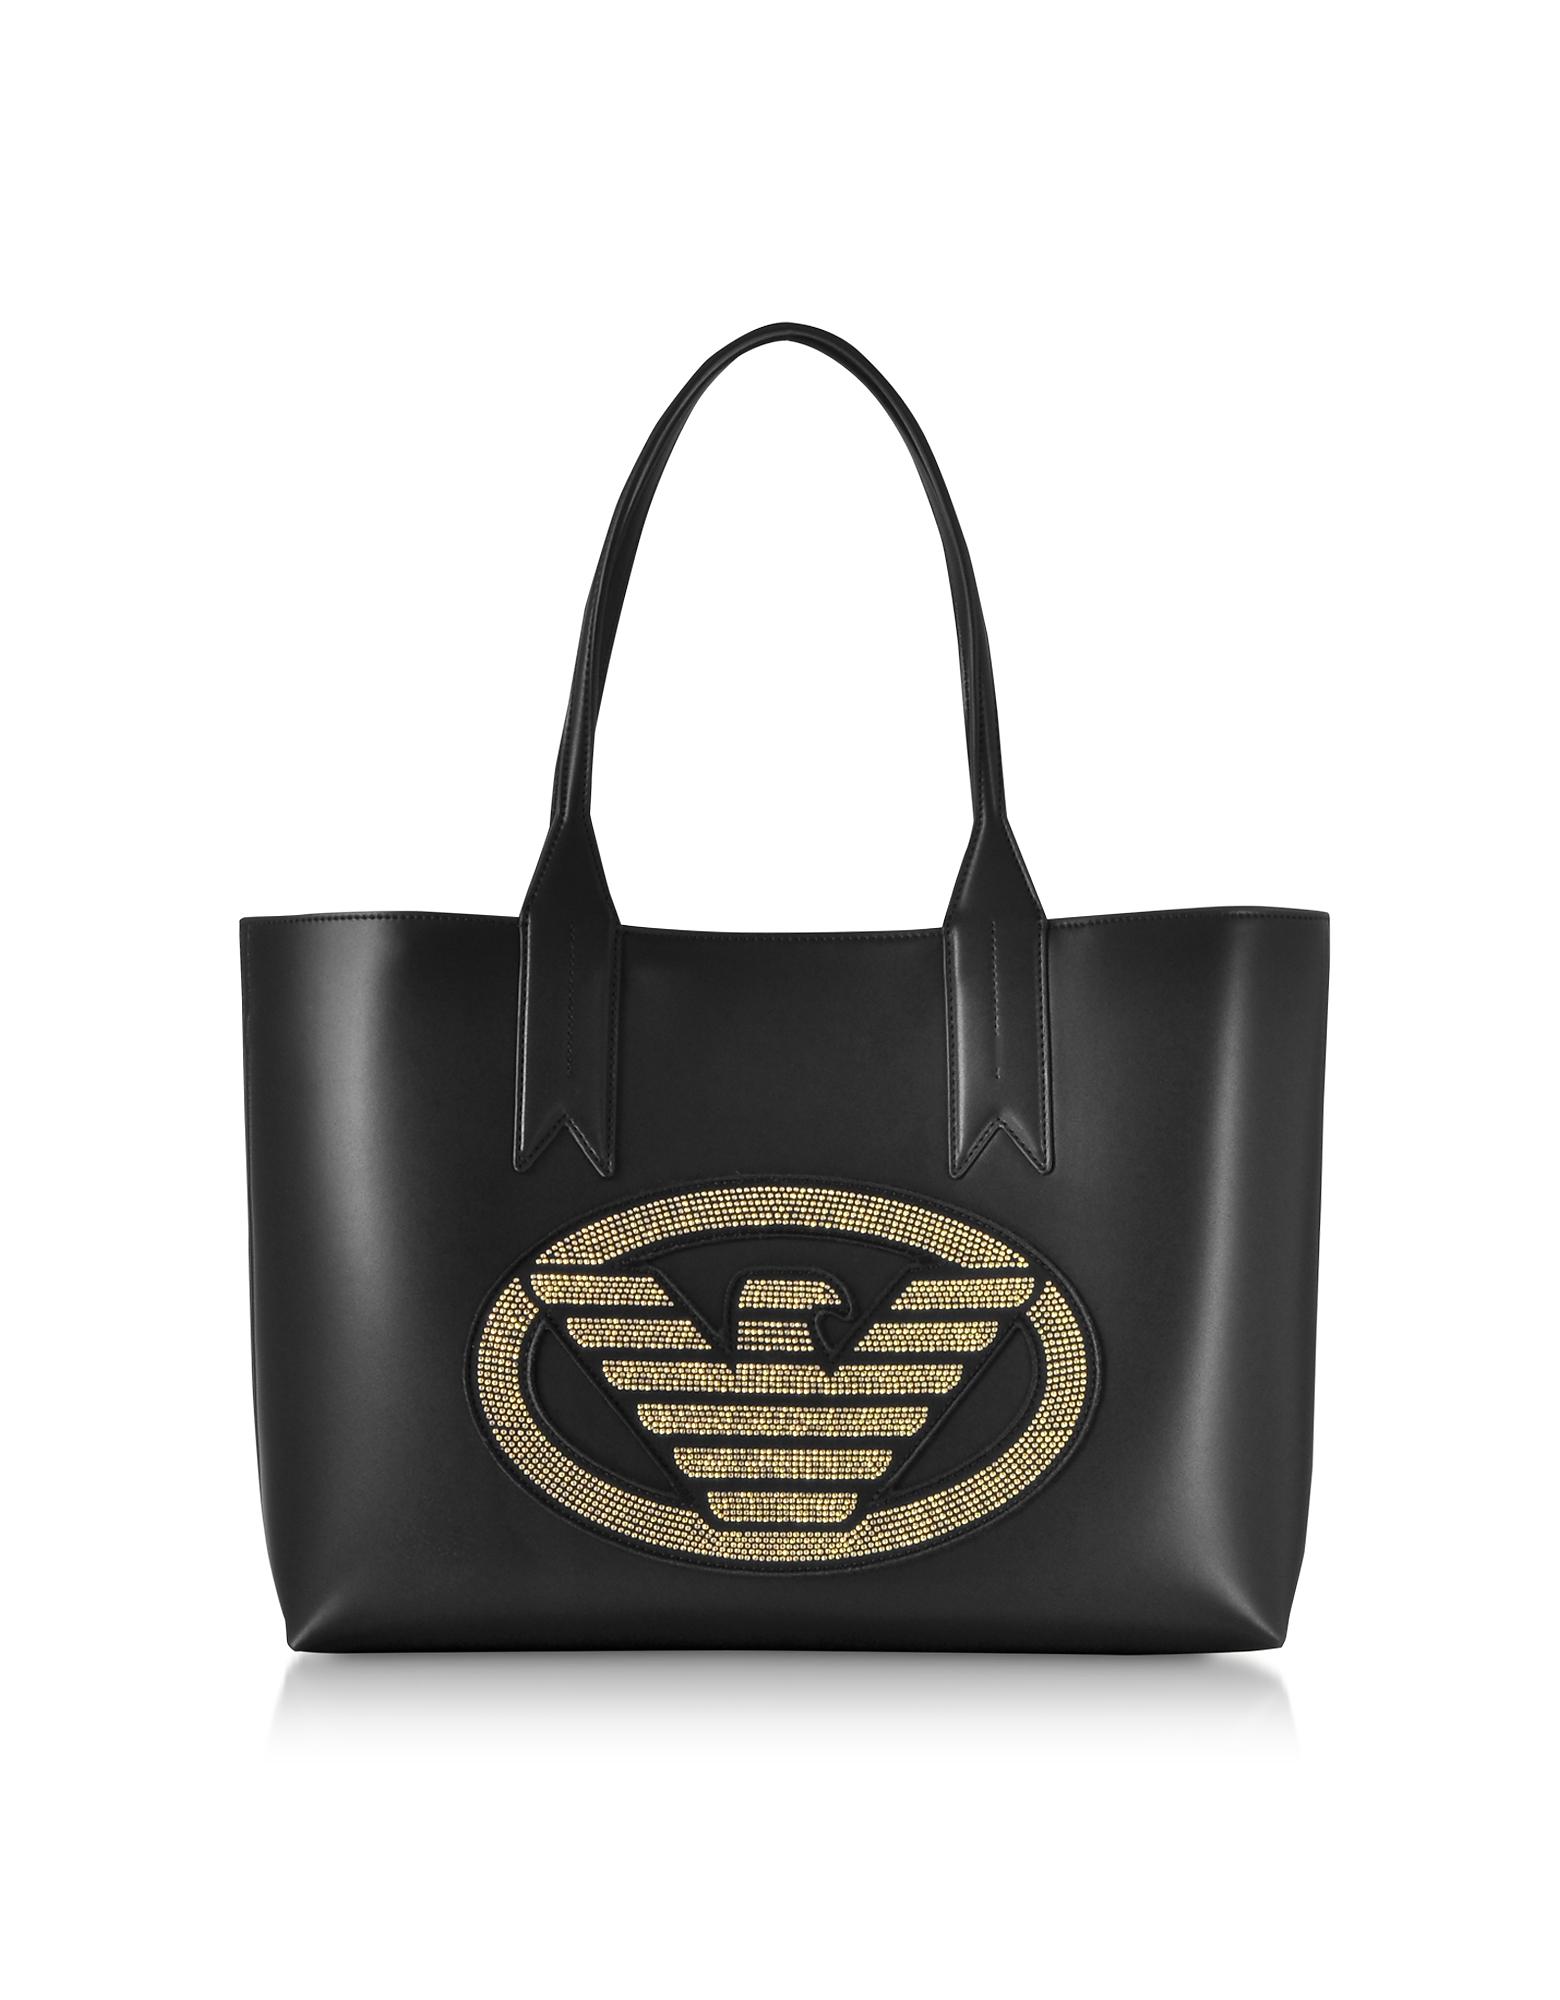 Emporio Armani Designer Handbags, Signature Medium Tote Bag